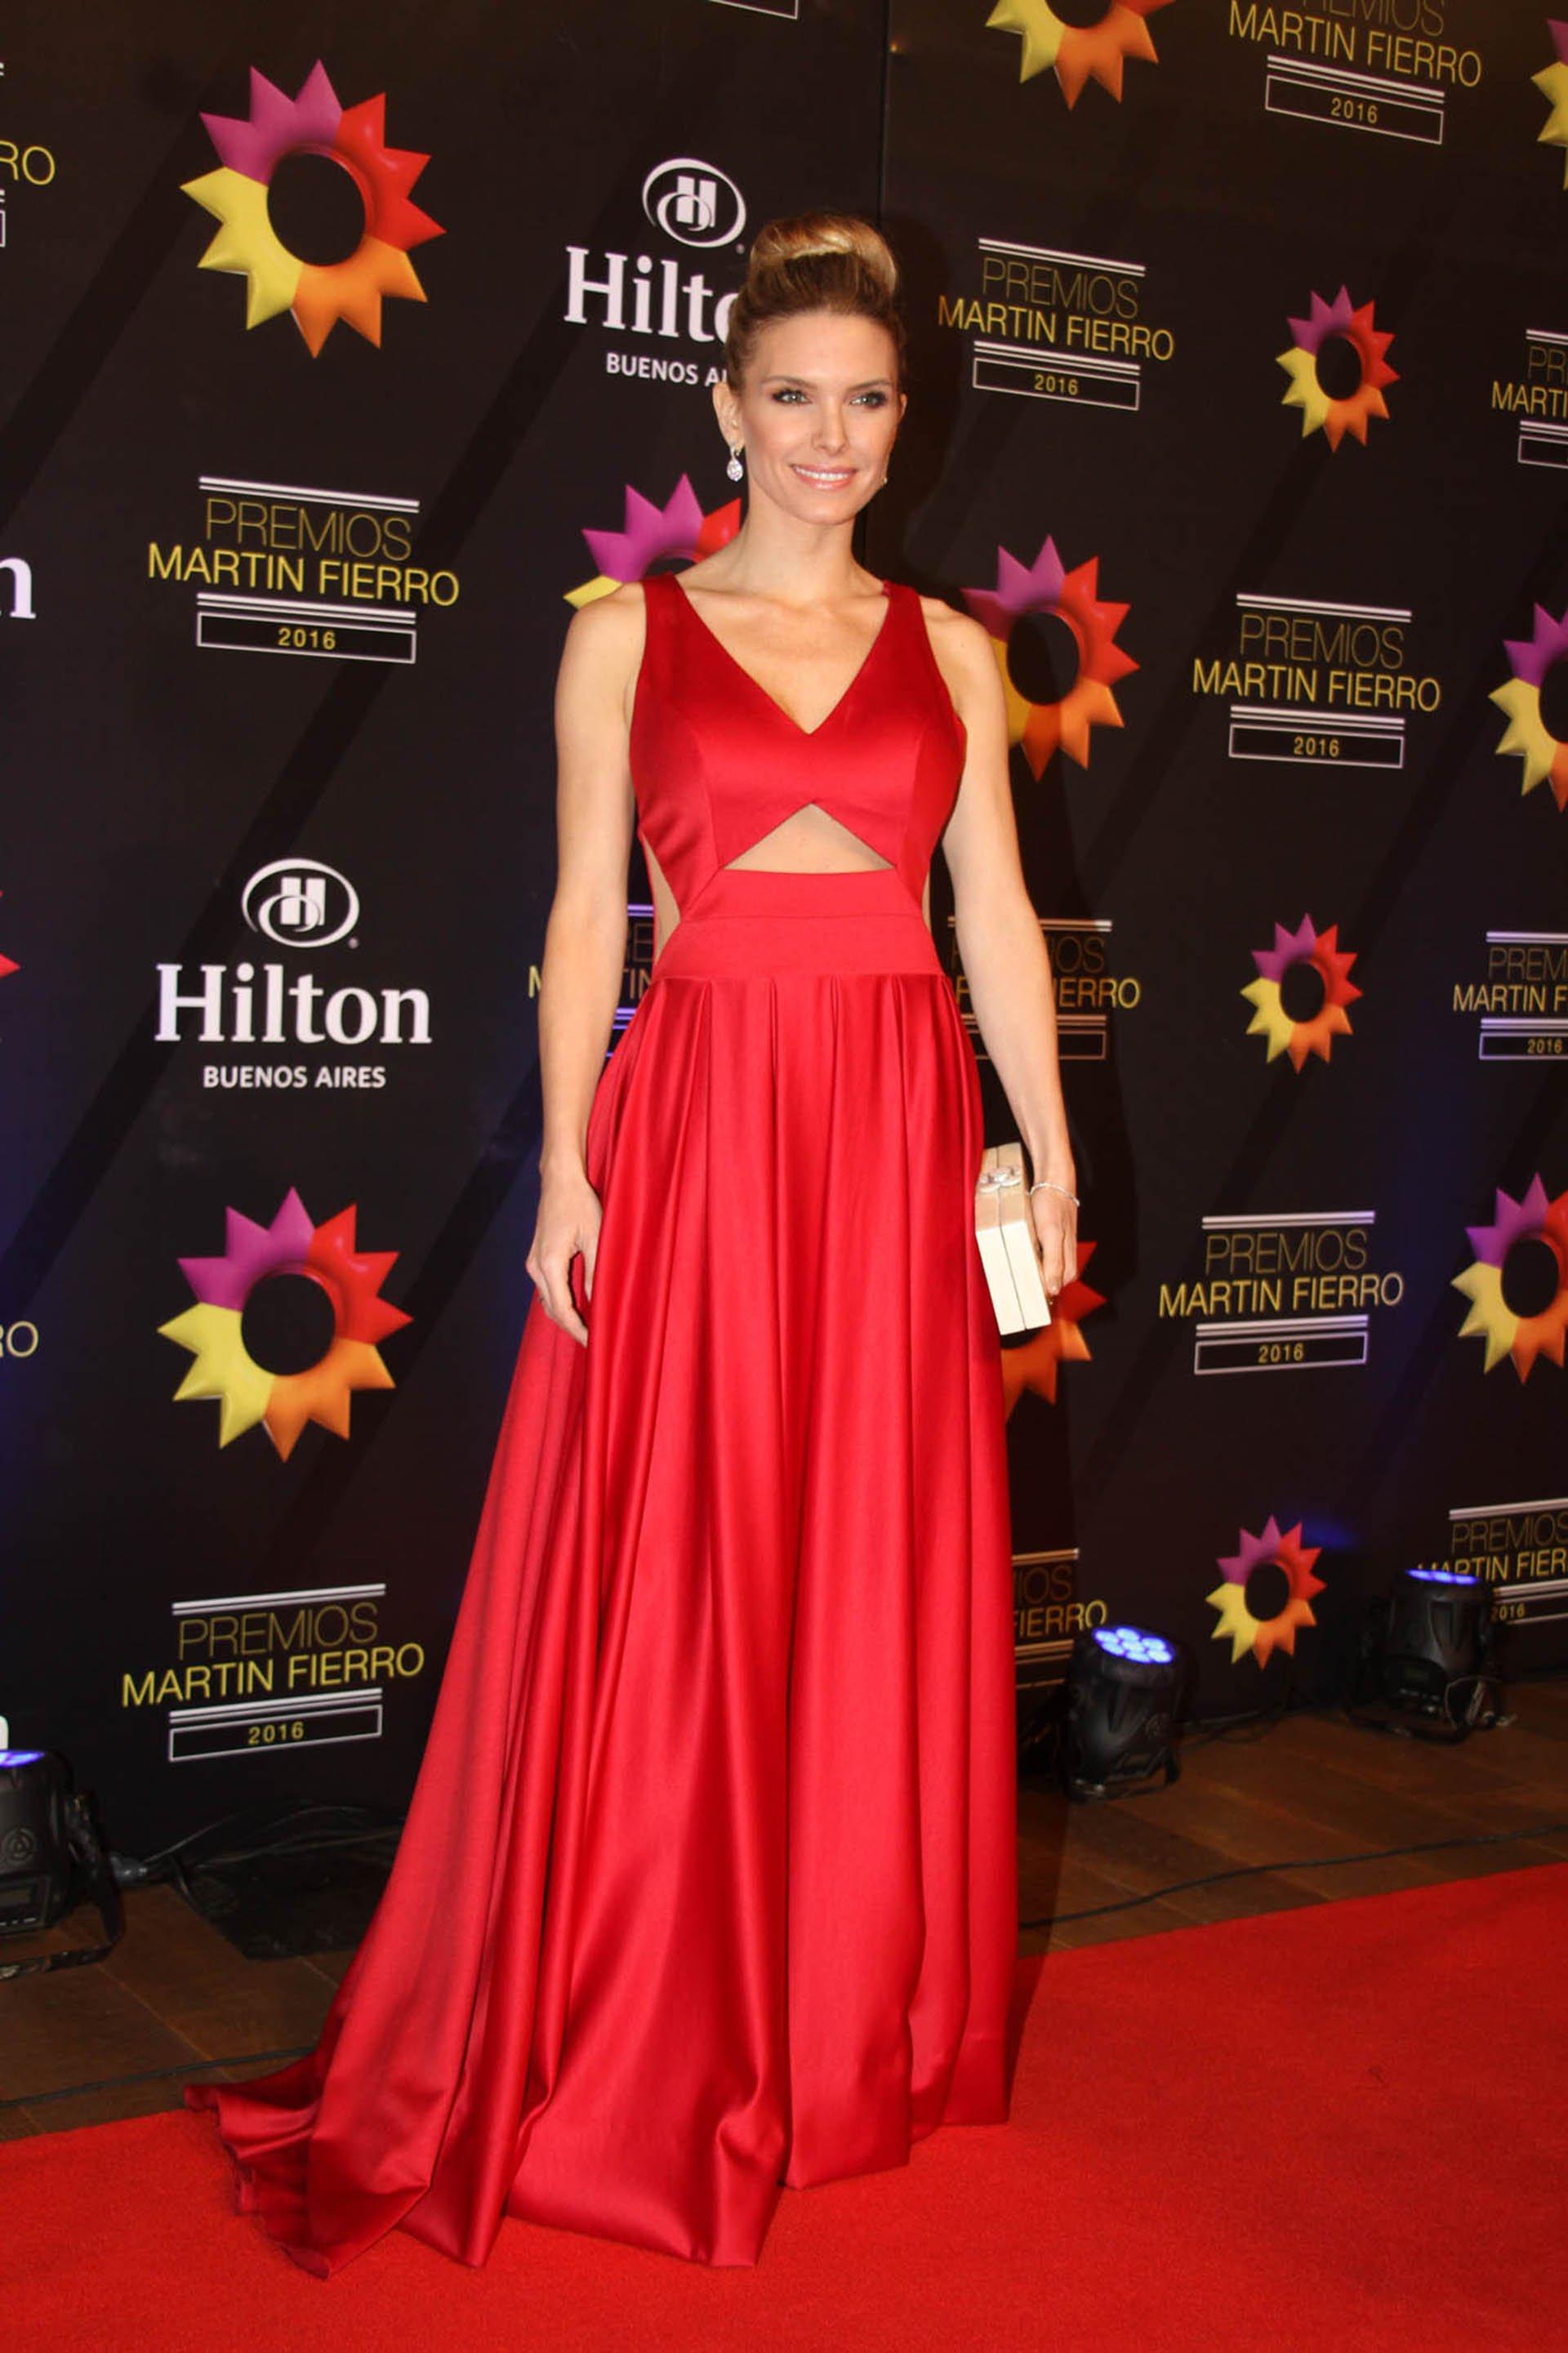 La modelo Sofía Zámolo, entre las que brillaron en la gran noche de la televisión argentina.